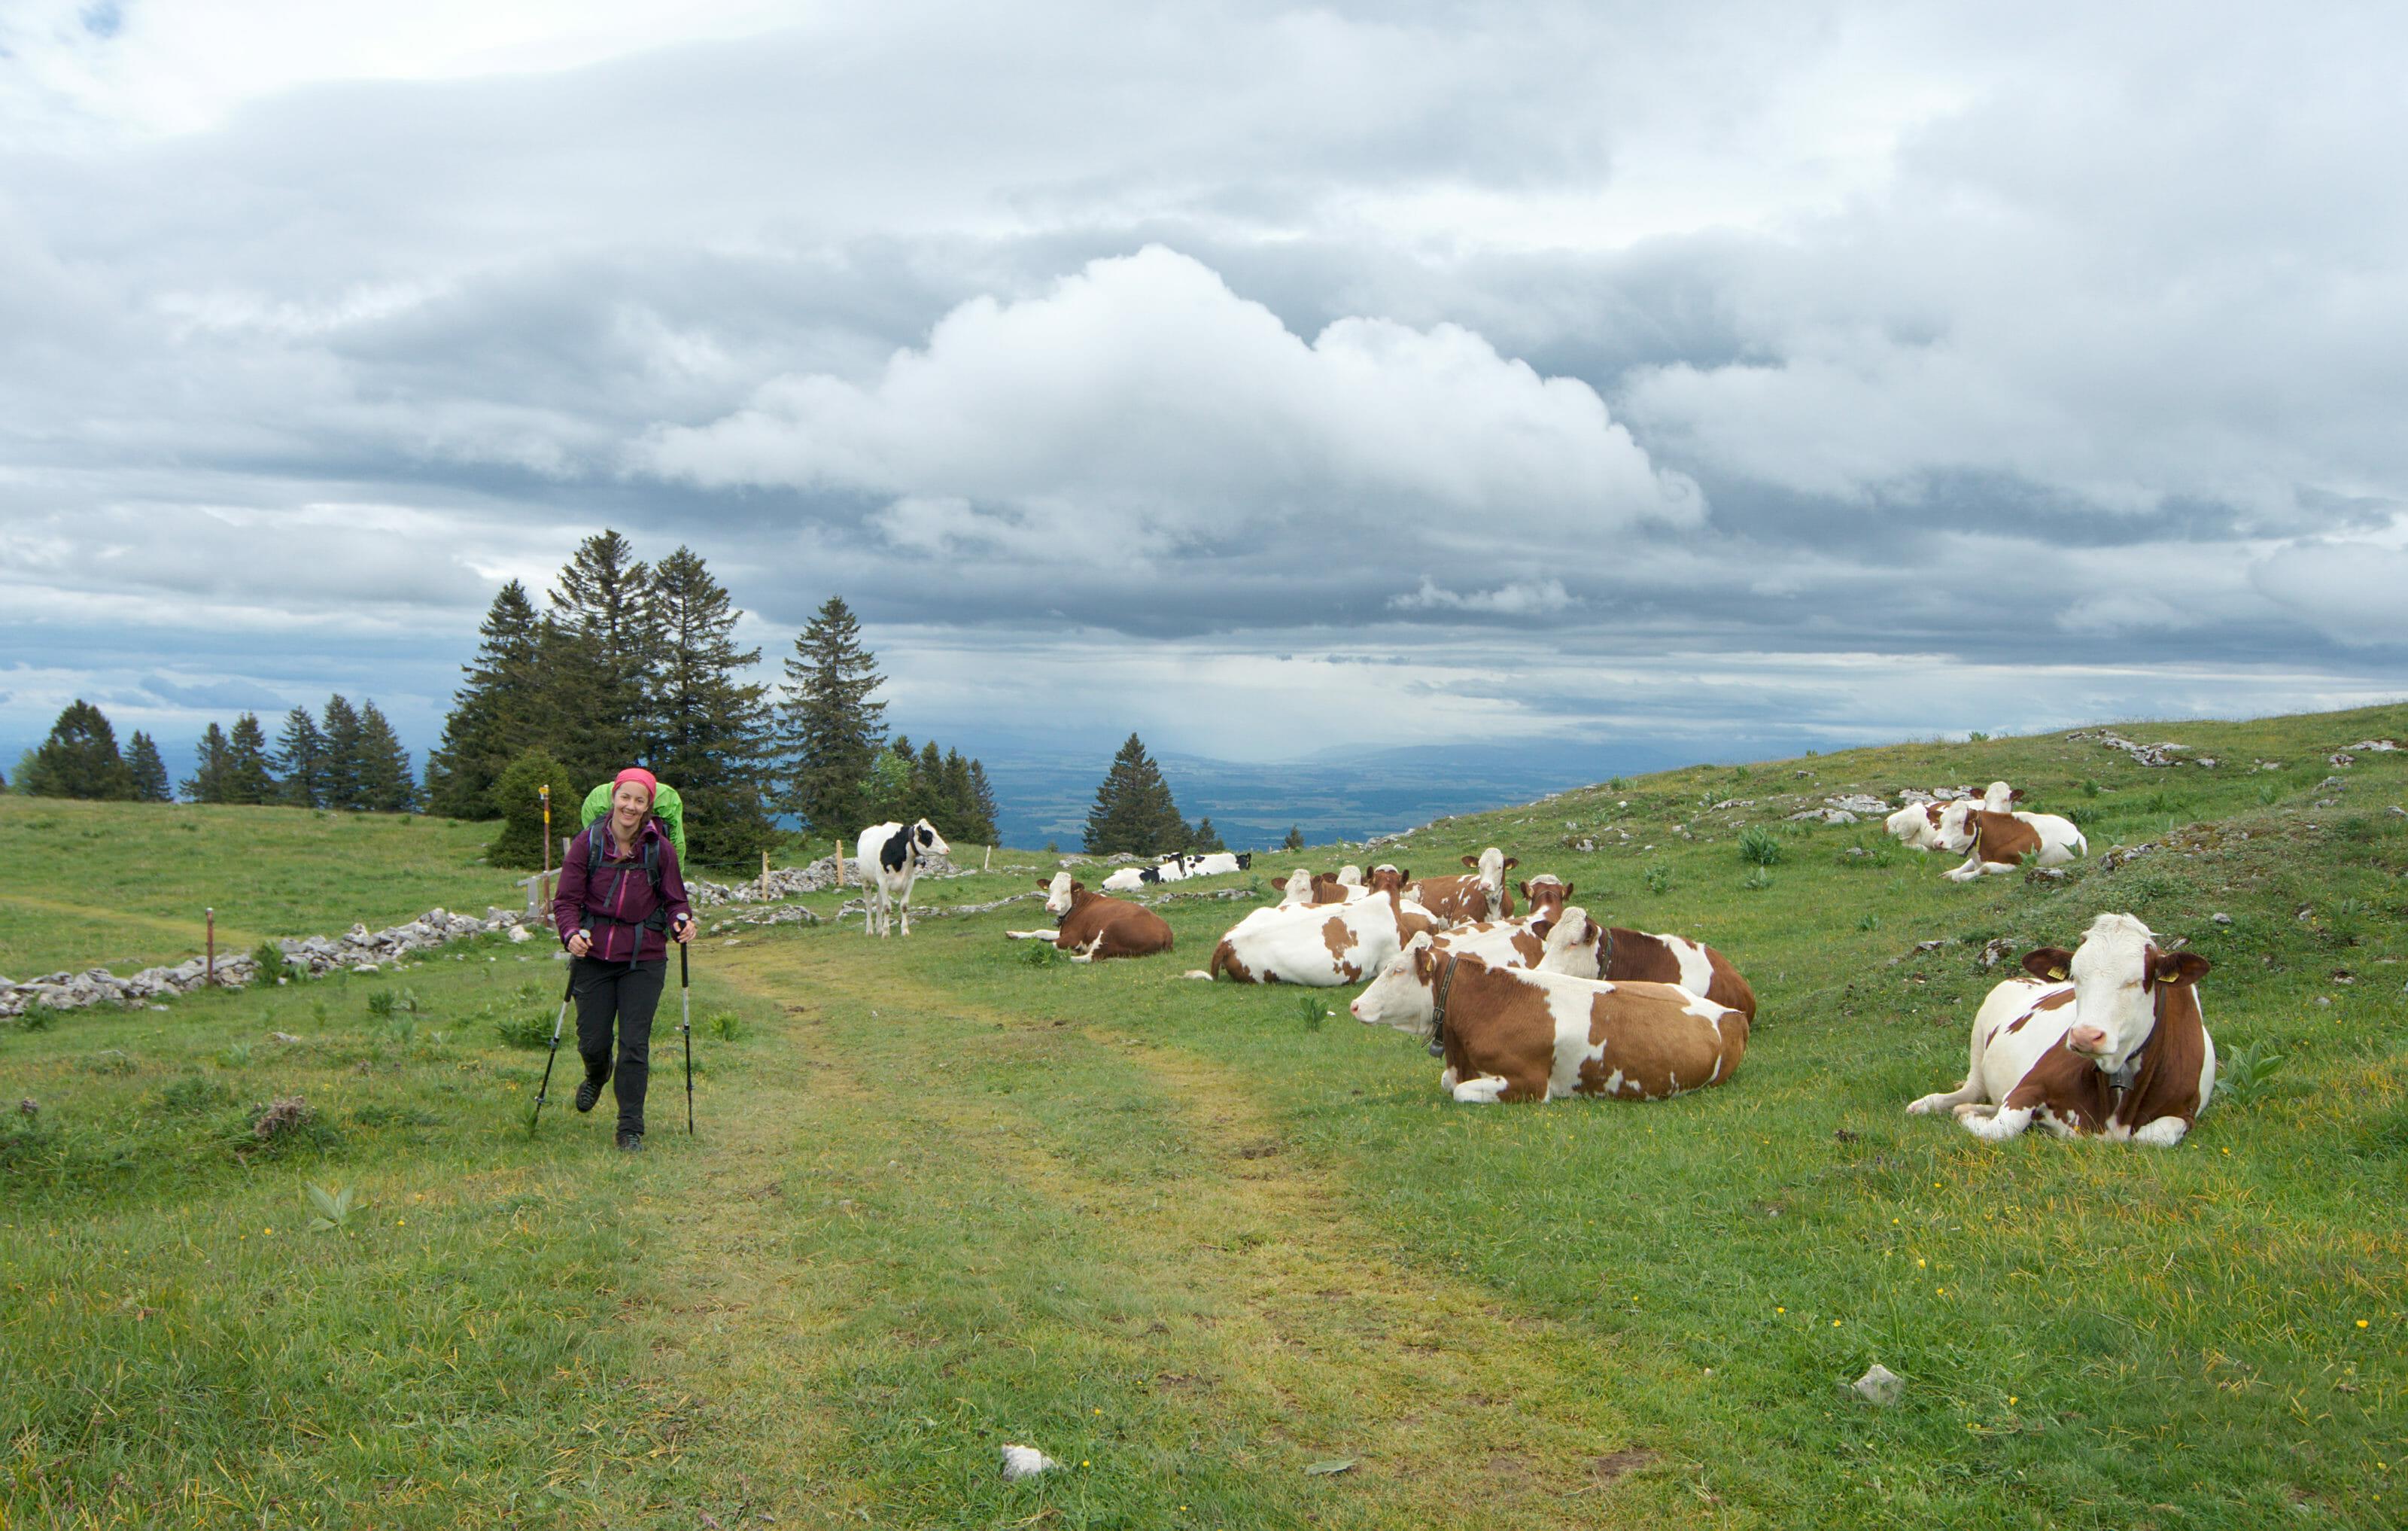 traversée de troupeau en randonnee